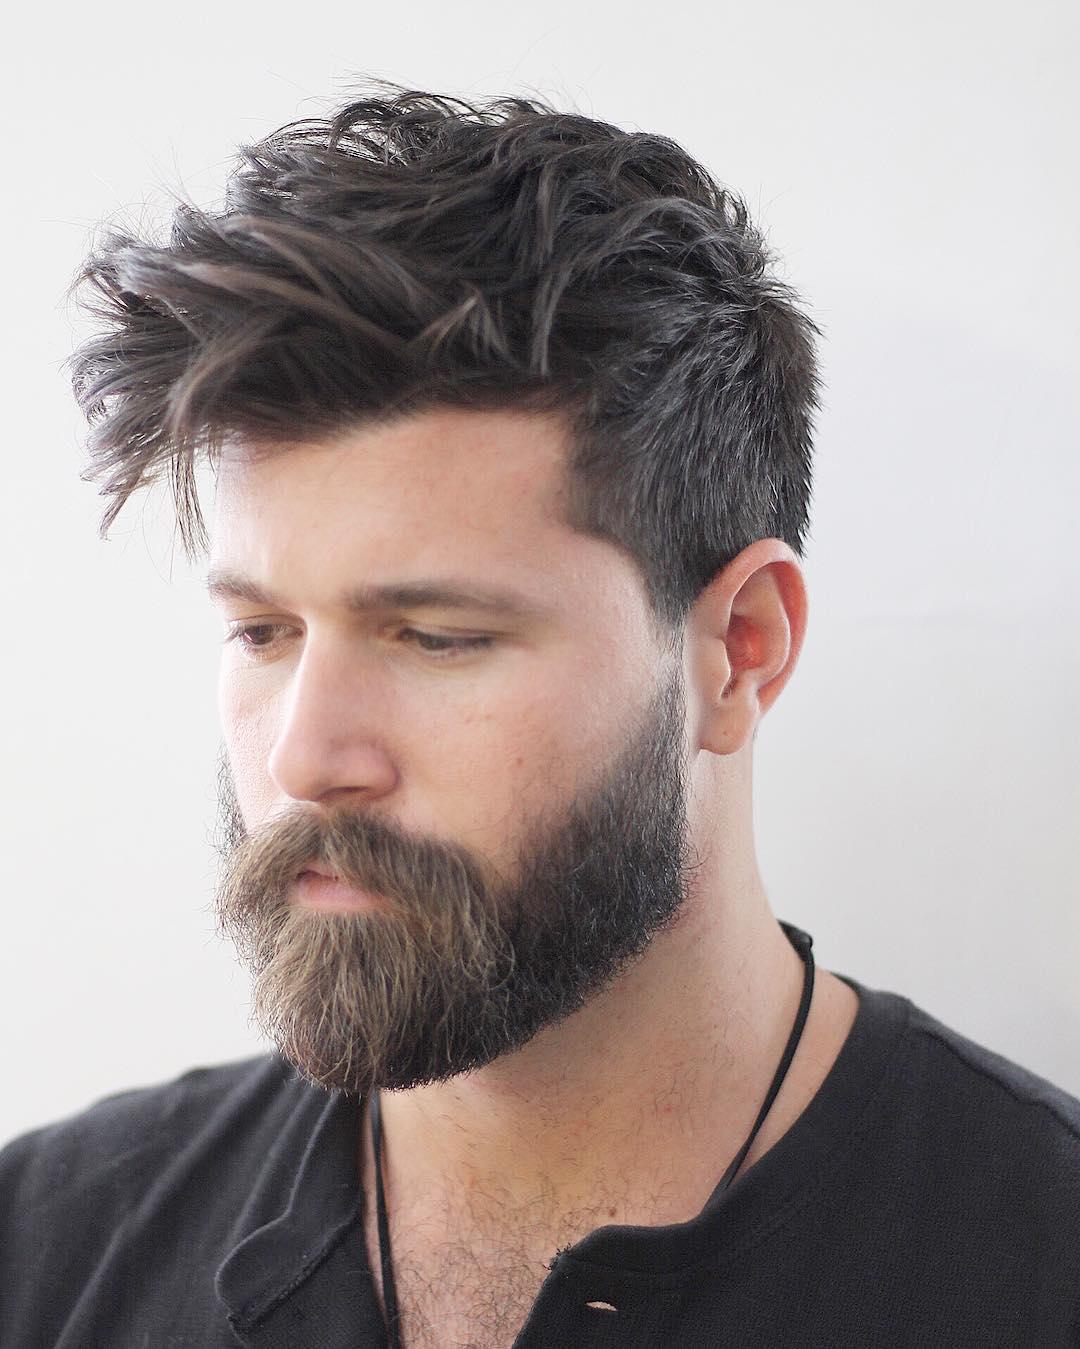 100 coupes de cheveux les plus populaires pour les hommes pour 2020 5f3f760b6a7b5 - 100+ coupes de cheveux les plus populaires pour les hommes pour 2020